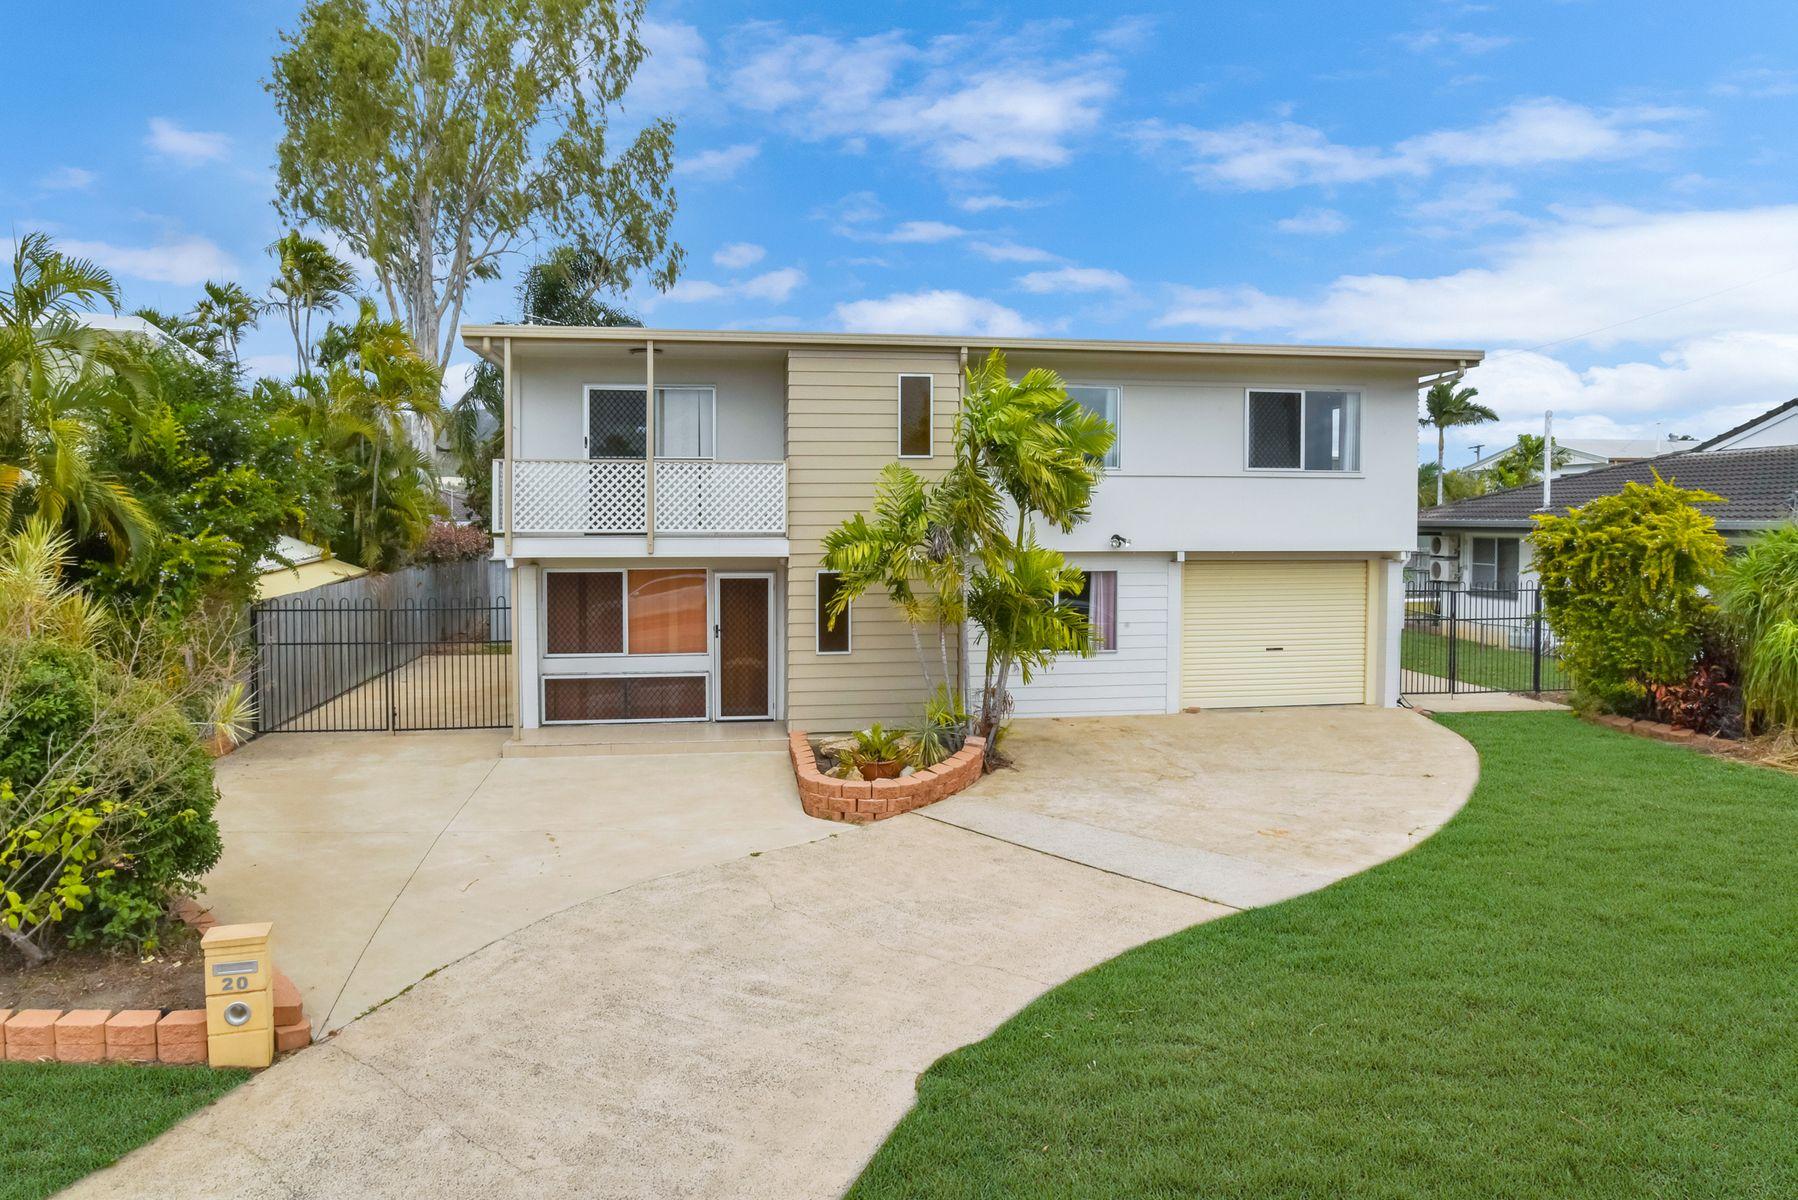 20 Tamarind Street, Kirwan, QLD 4817